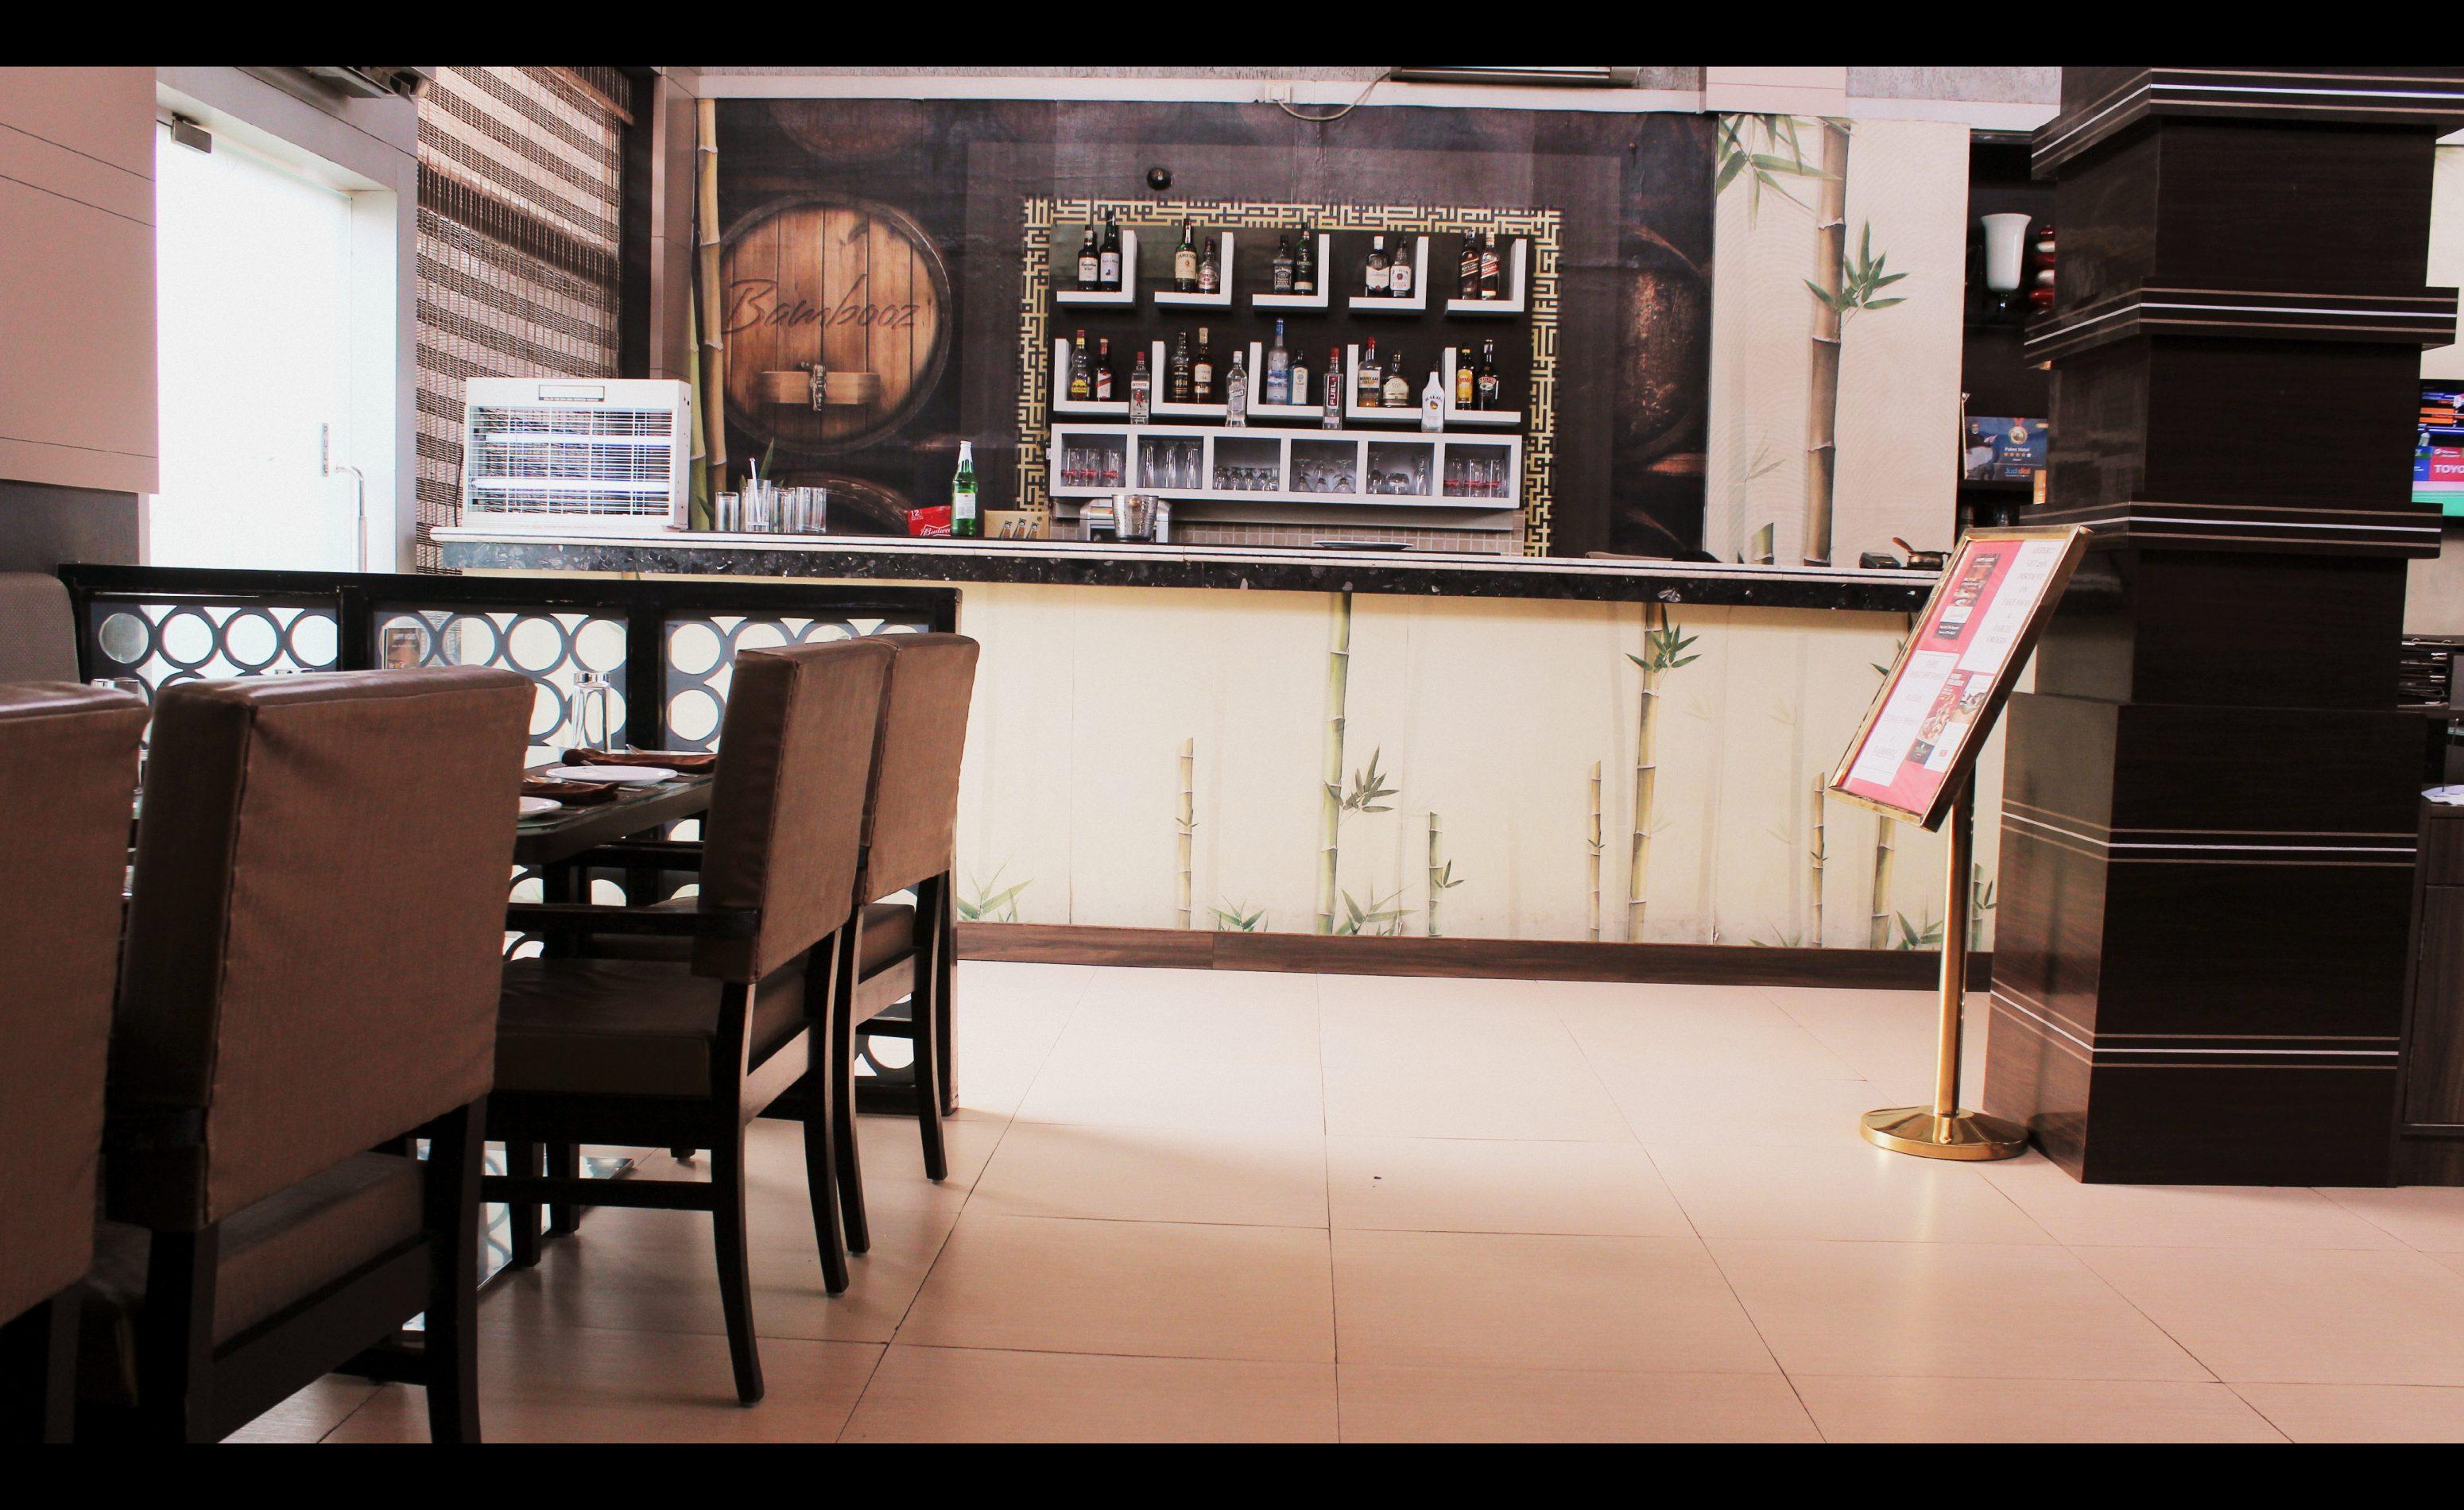 Bambooz bar